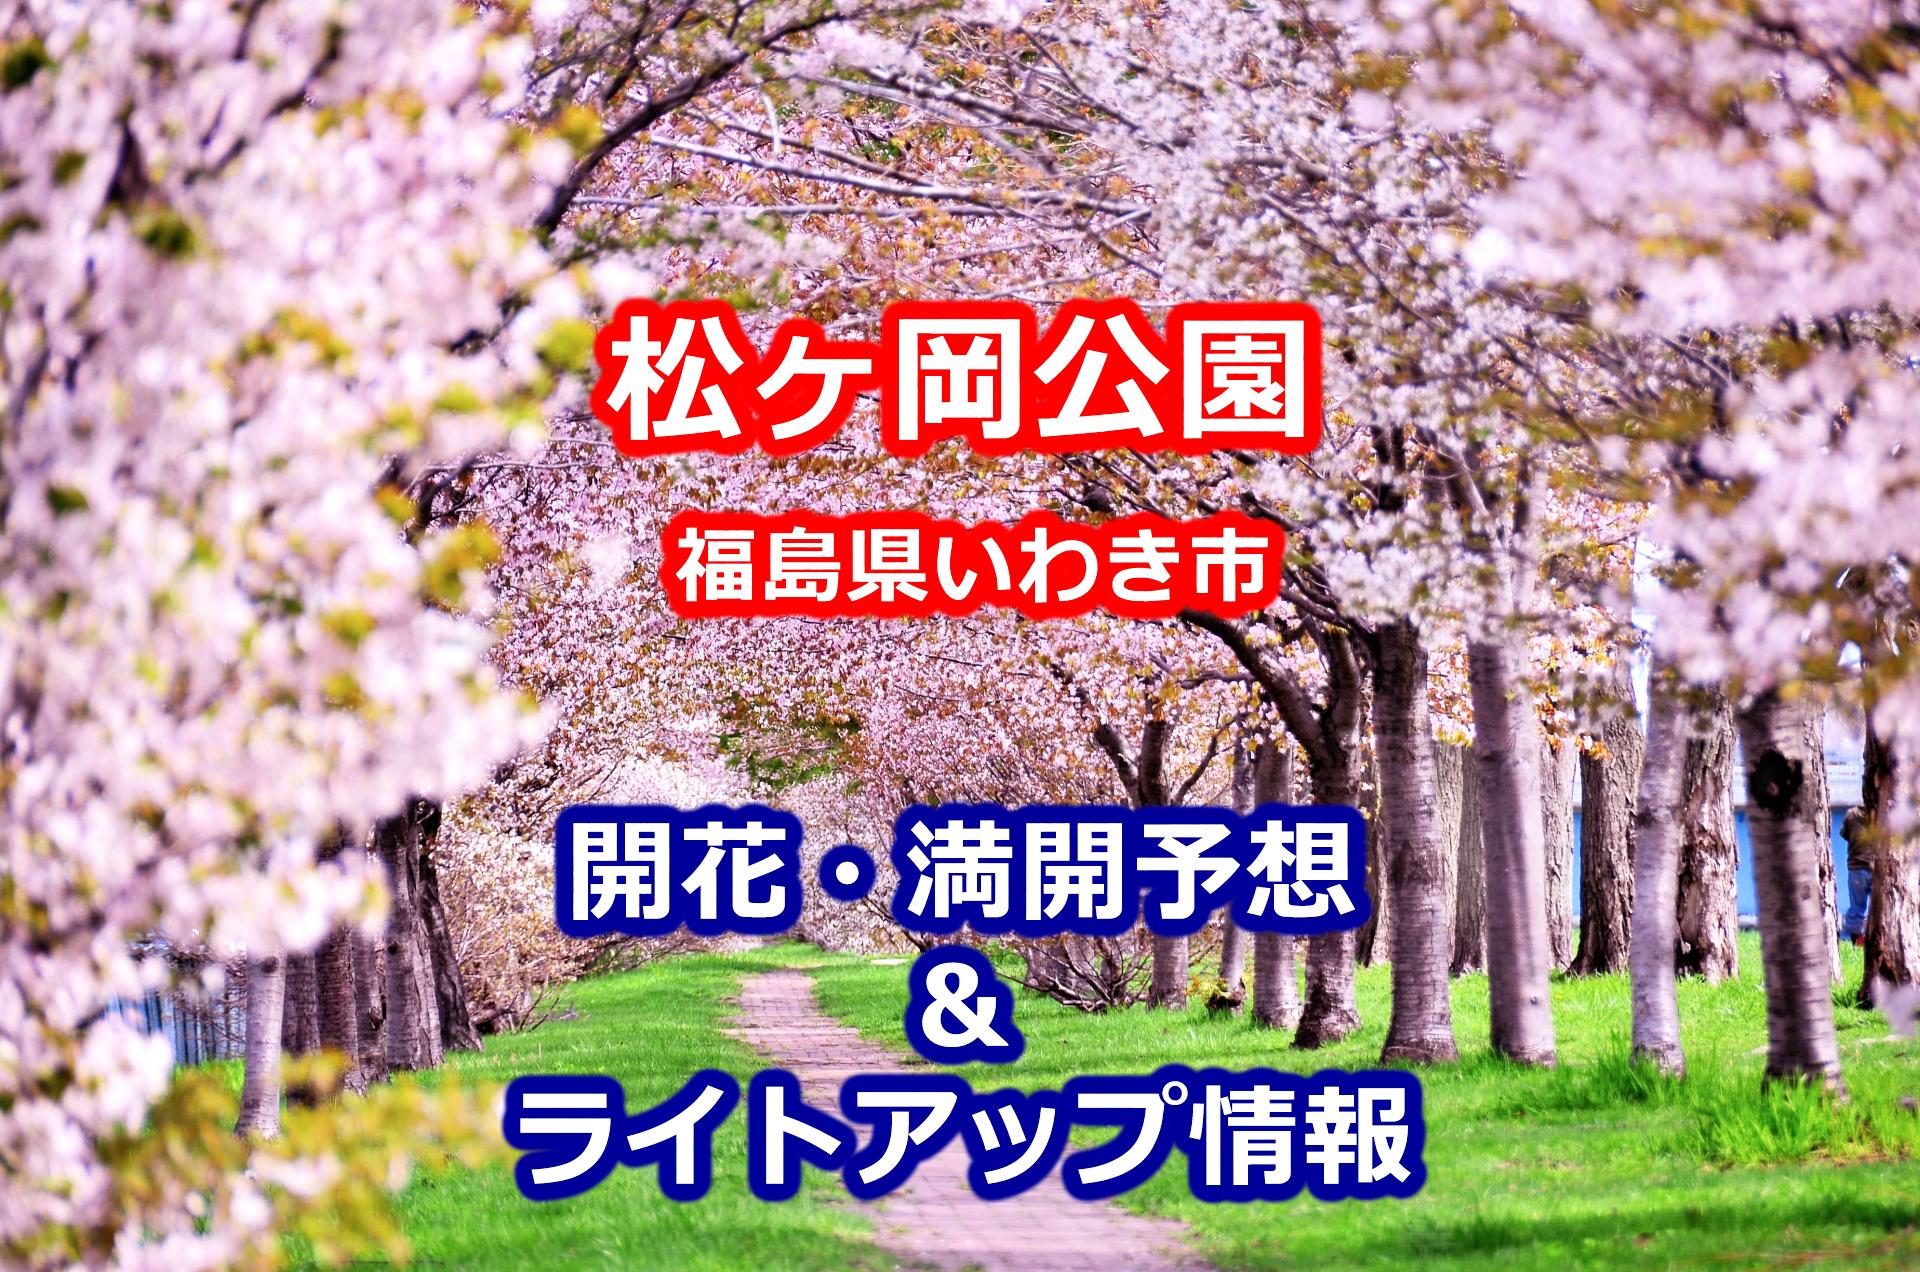 2020年松ヶ岡公園(福島県いわき市)の桜開花・満開予想とライトアップの期間・時間帯!